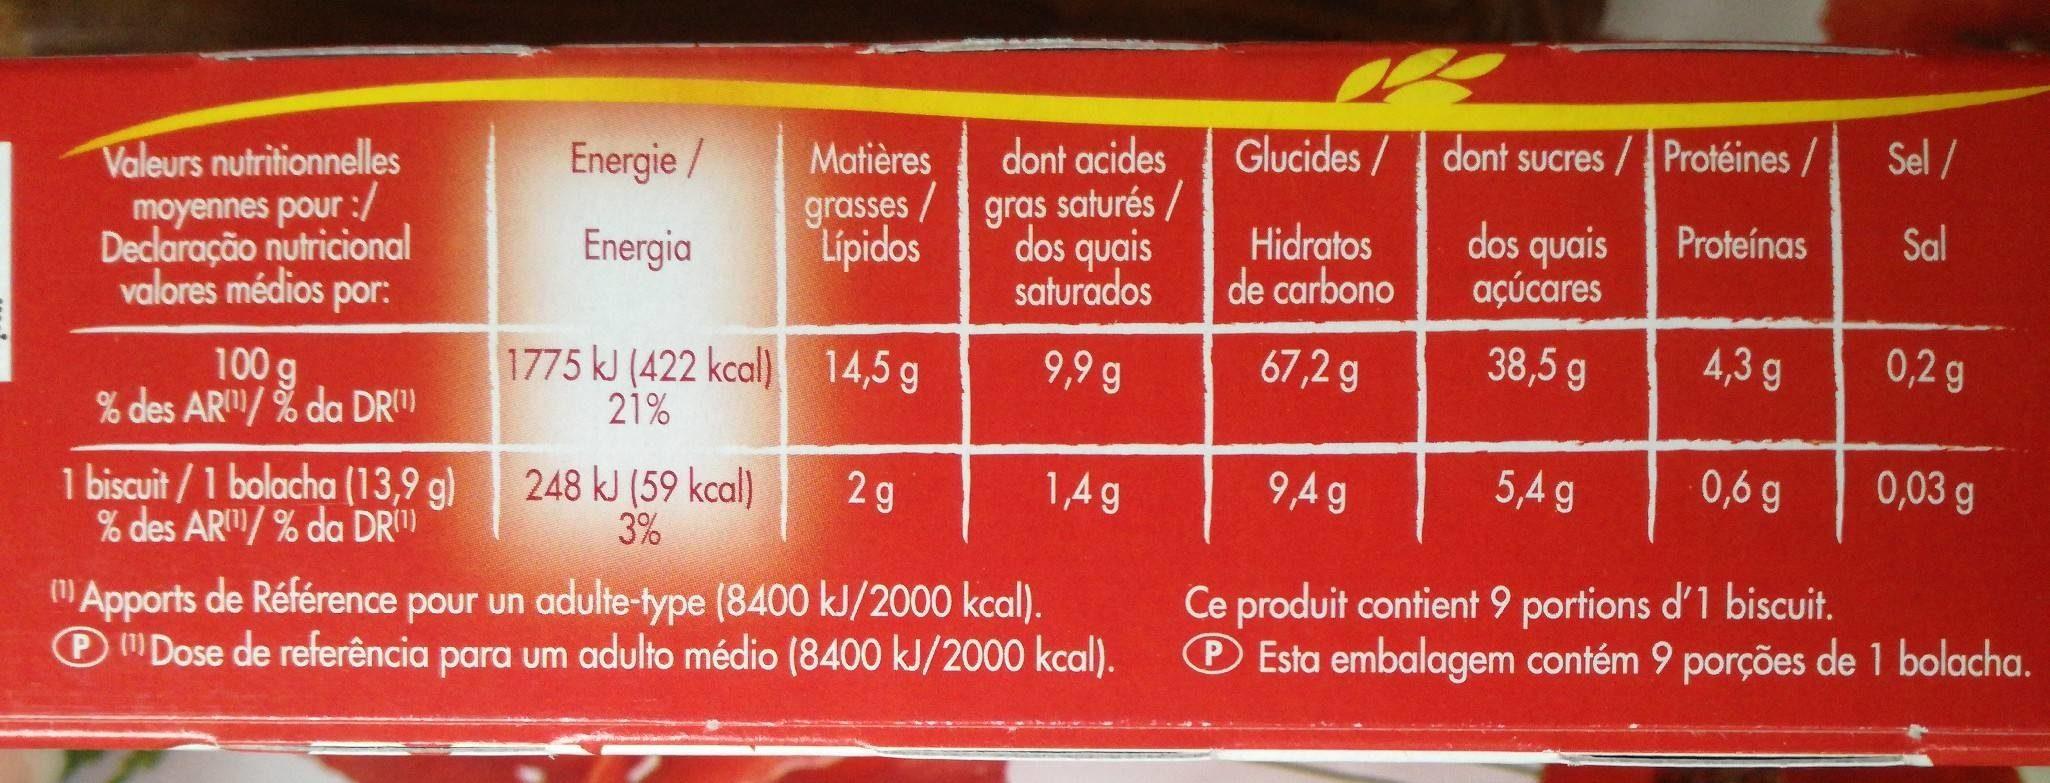 Tartelettes fruits rouges et Crumble le paquet de 125 g - Nutrition facts - fr